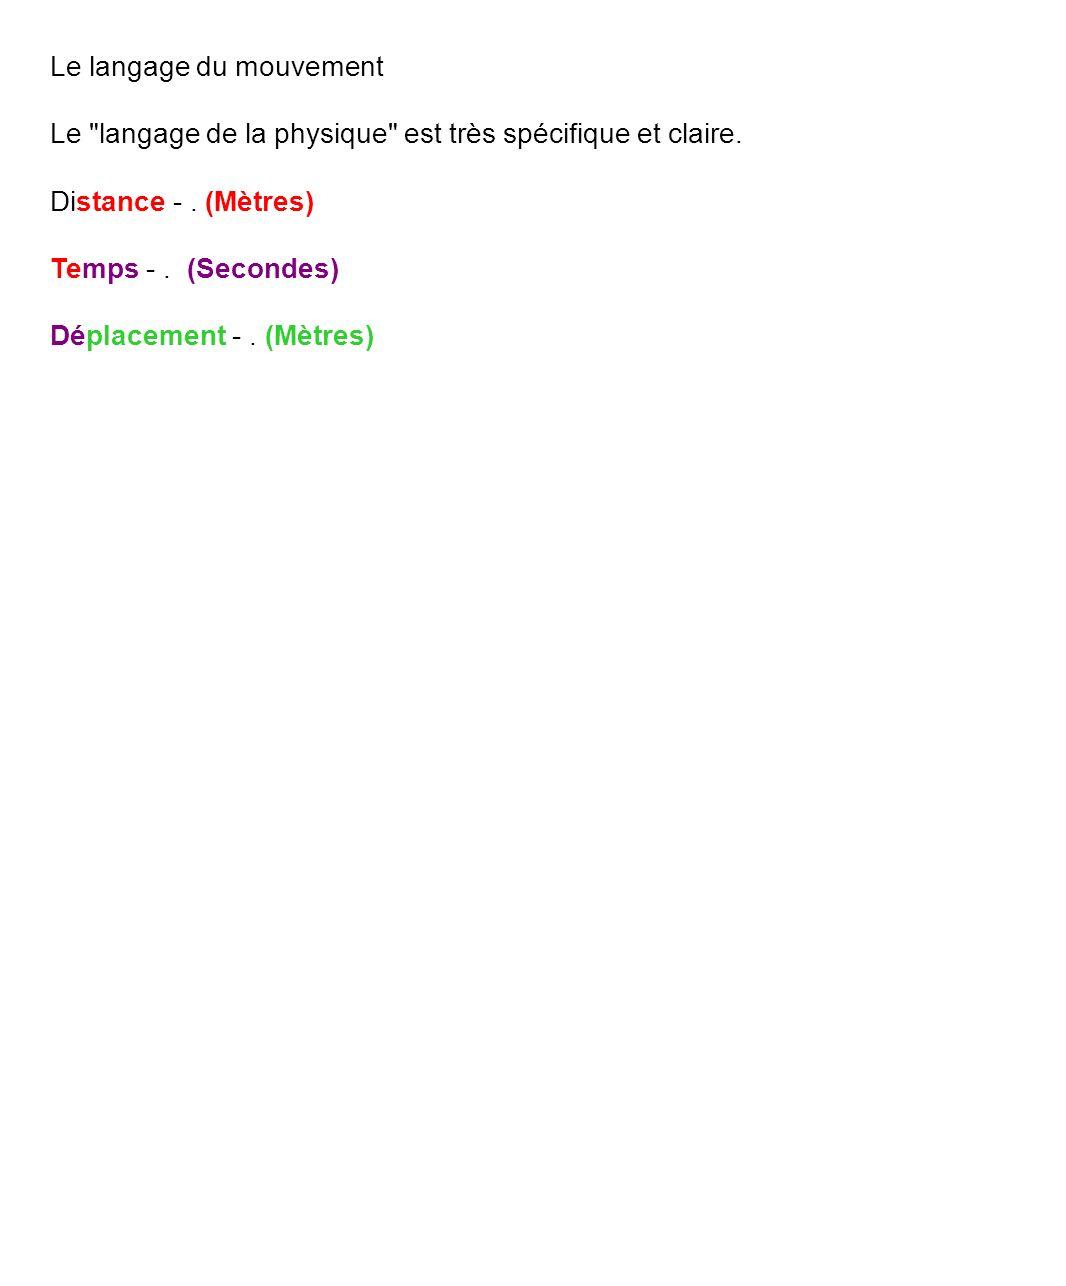 Exemples: Calcul la distance et le déplacement 1.